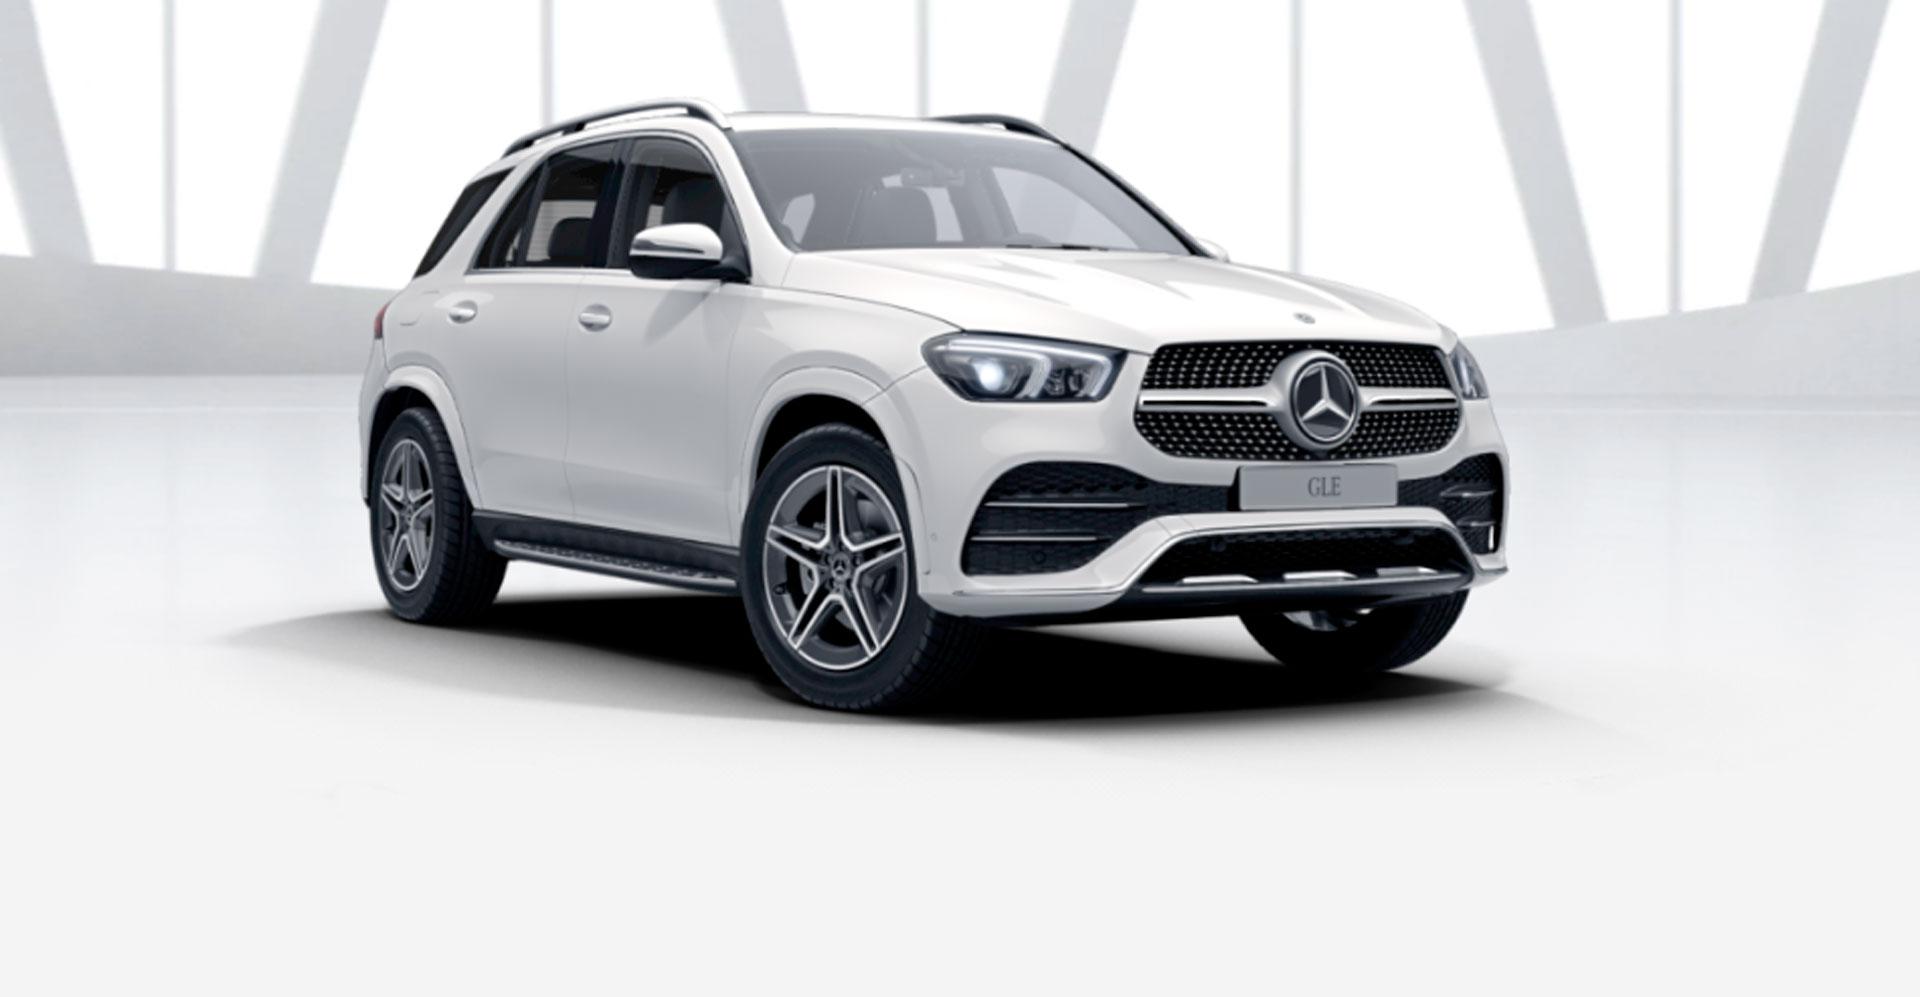 Mercedes-Benz GLE-Class 0152660012